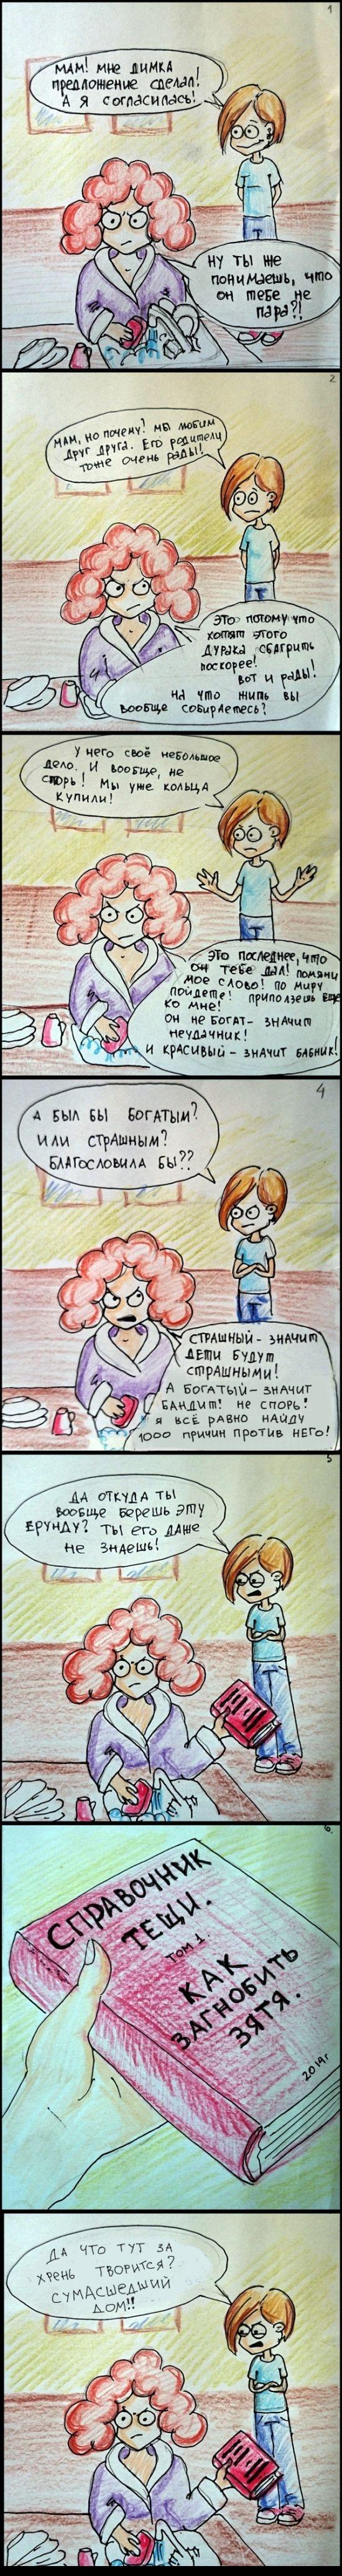 Смешные комиксы 08.12.2014 (18 картинок)